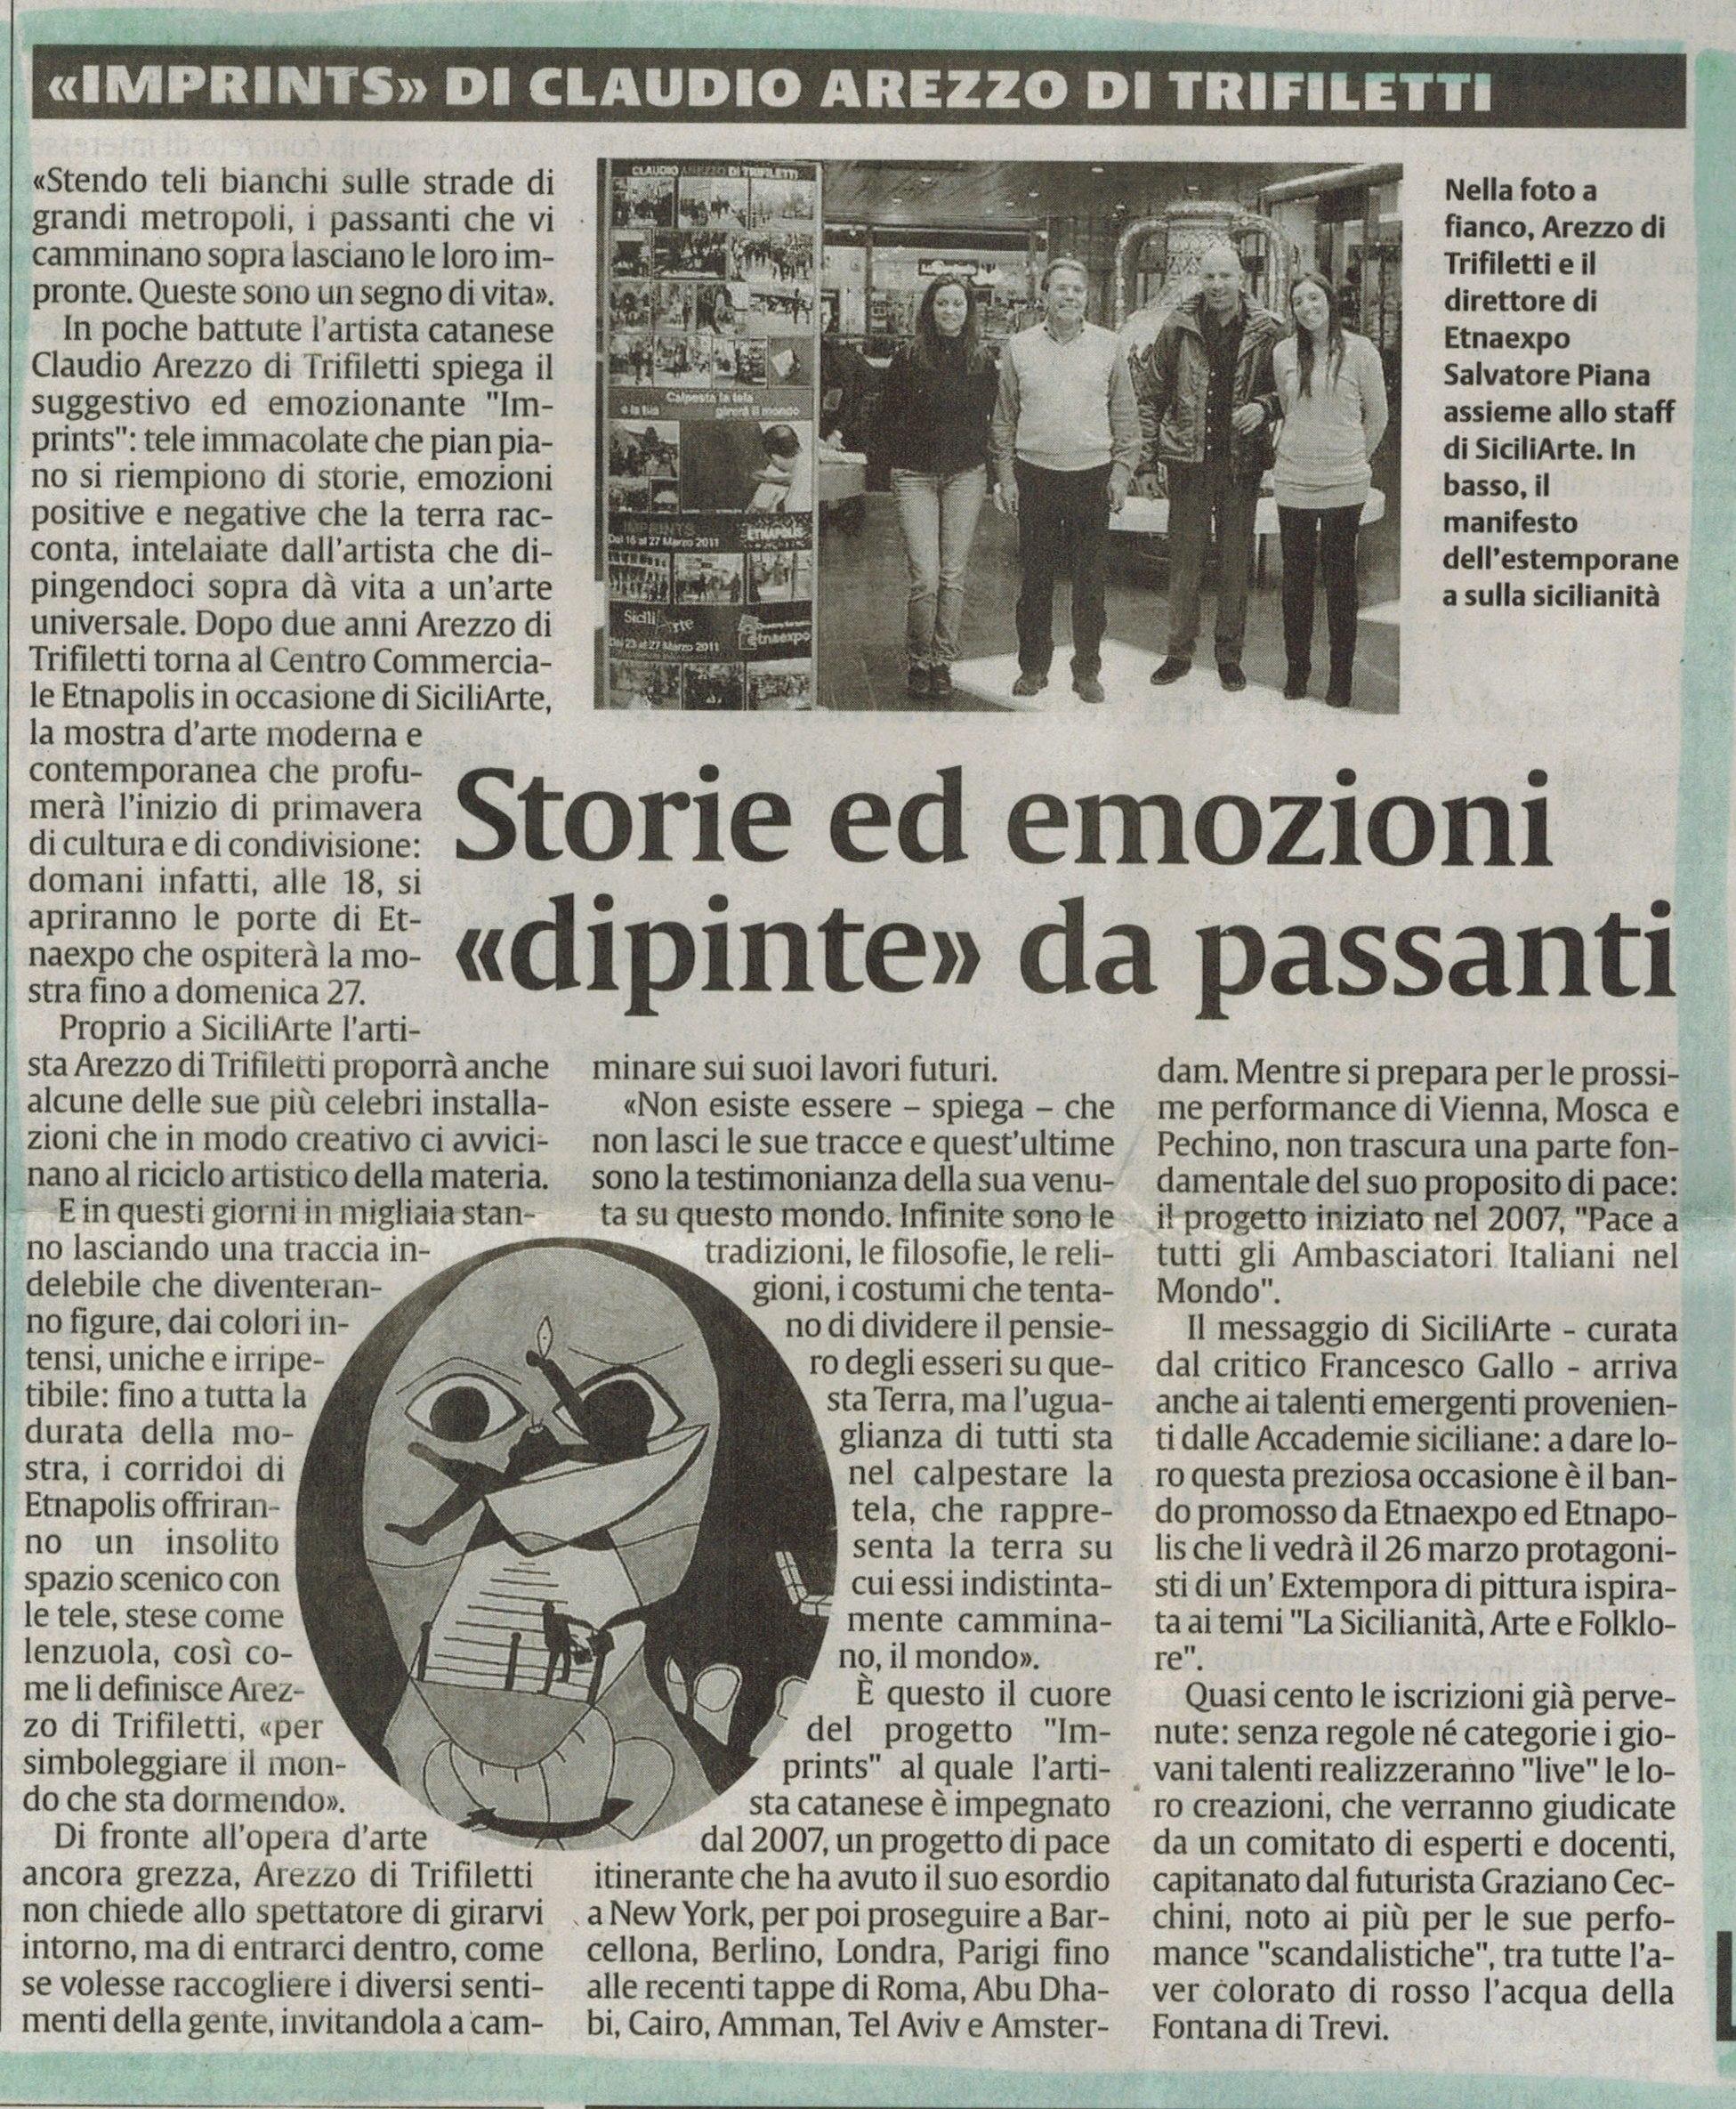 la sicilia martedi 22 marzo 2011